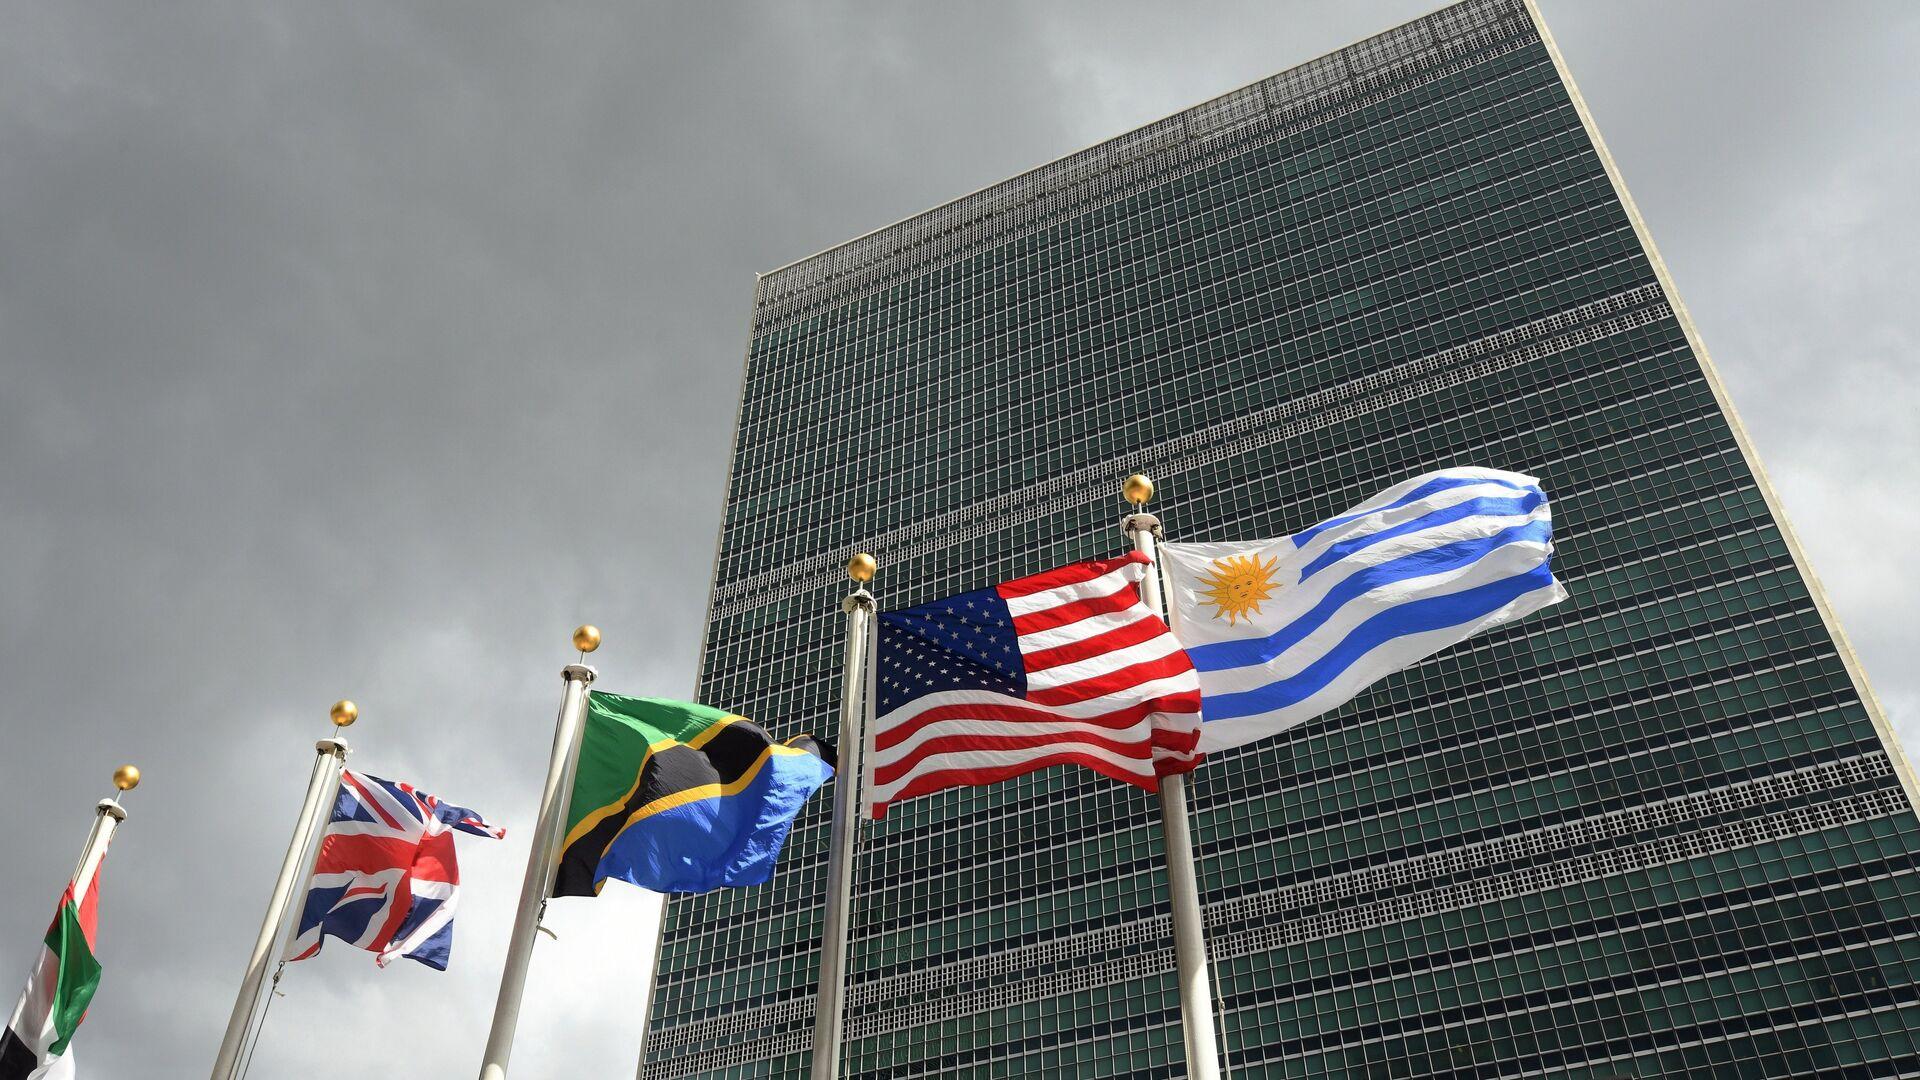 Штаб-квартира Организации Объединенных Наций в Нью-Йорке. 25 сентября 2018 - РИА Новости, 1920, 14.04.2021